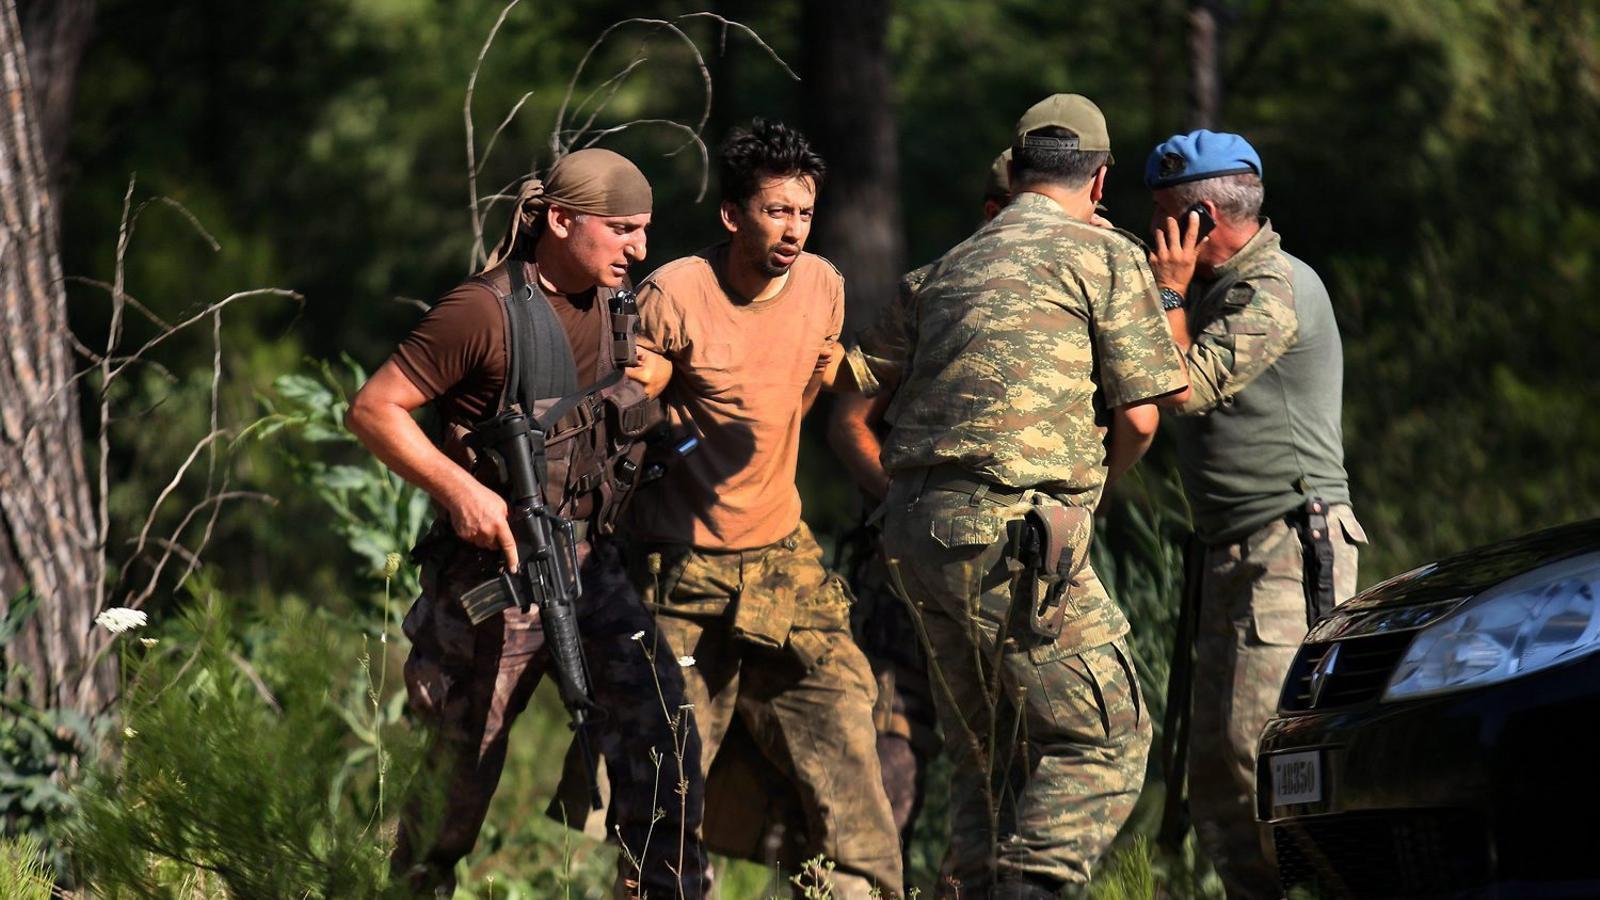 Soldats detenint el sergent Erkan Cikat, que va fugir després del cop, ahir a Marmaris.